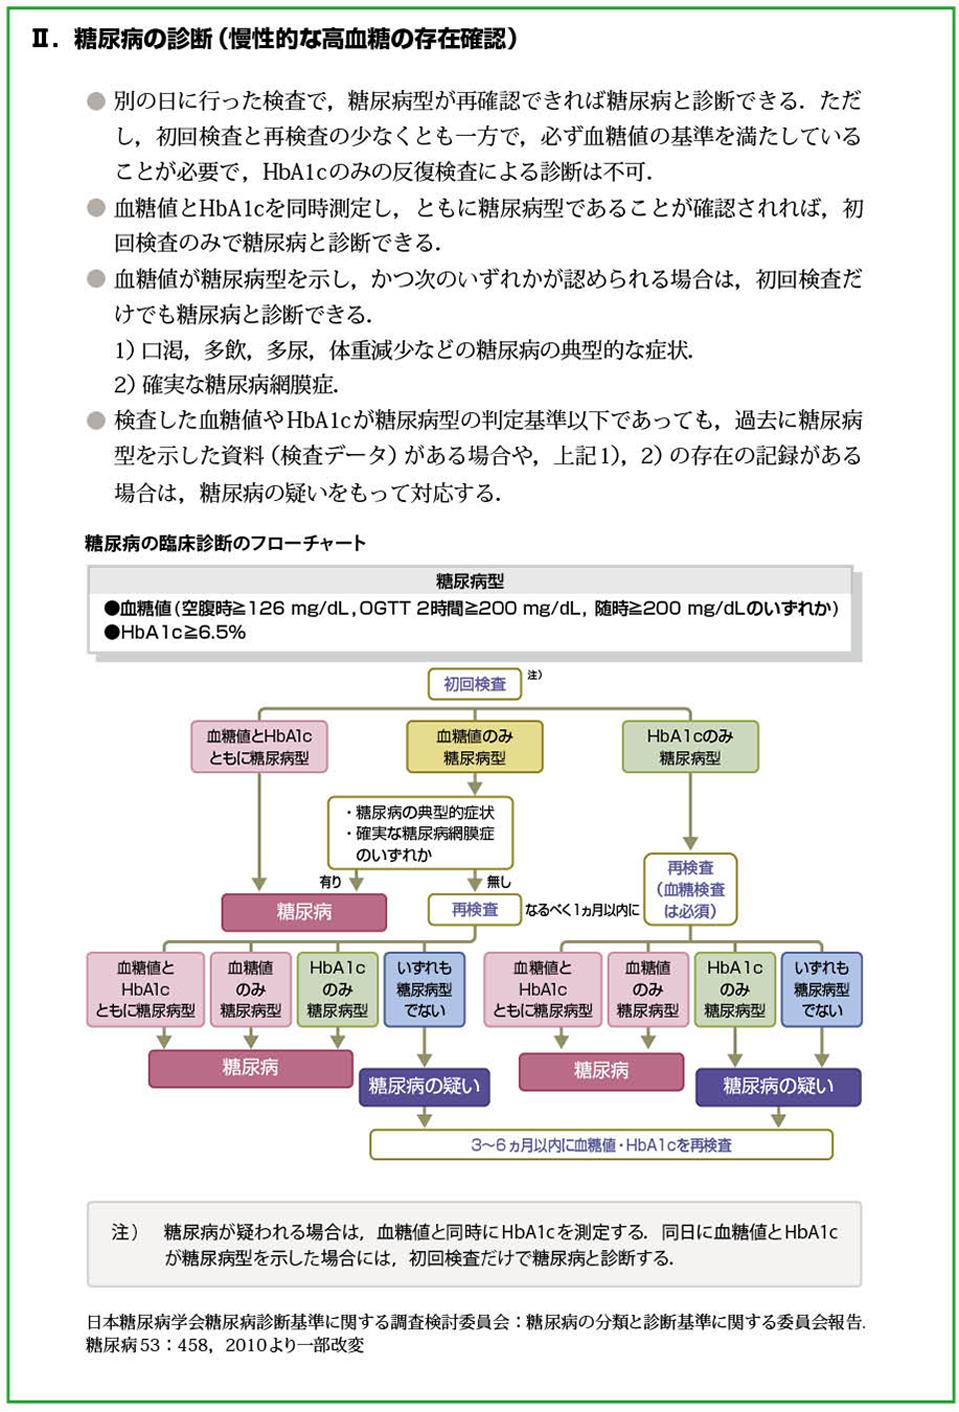 糖尿病治療ガイド2014-2015(抜粋)[2]